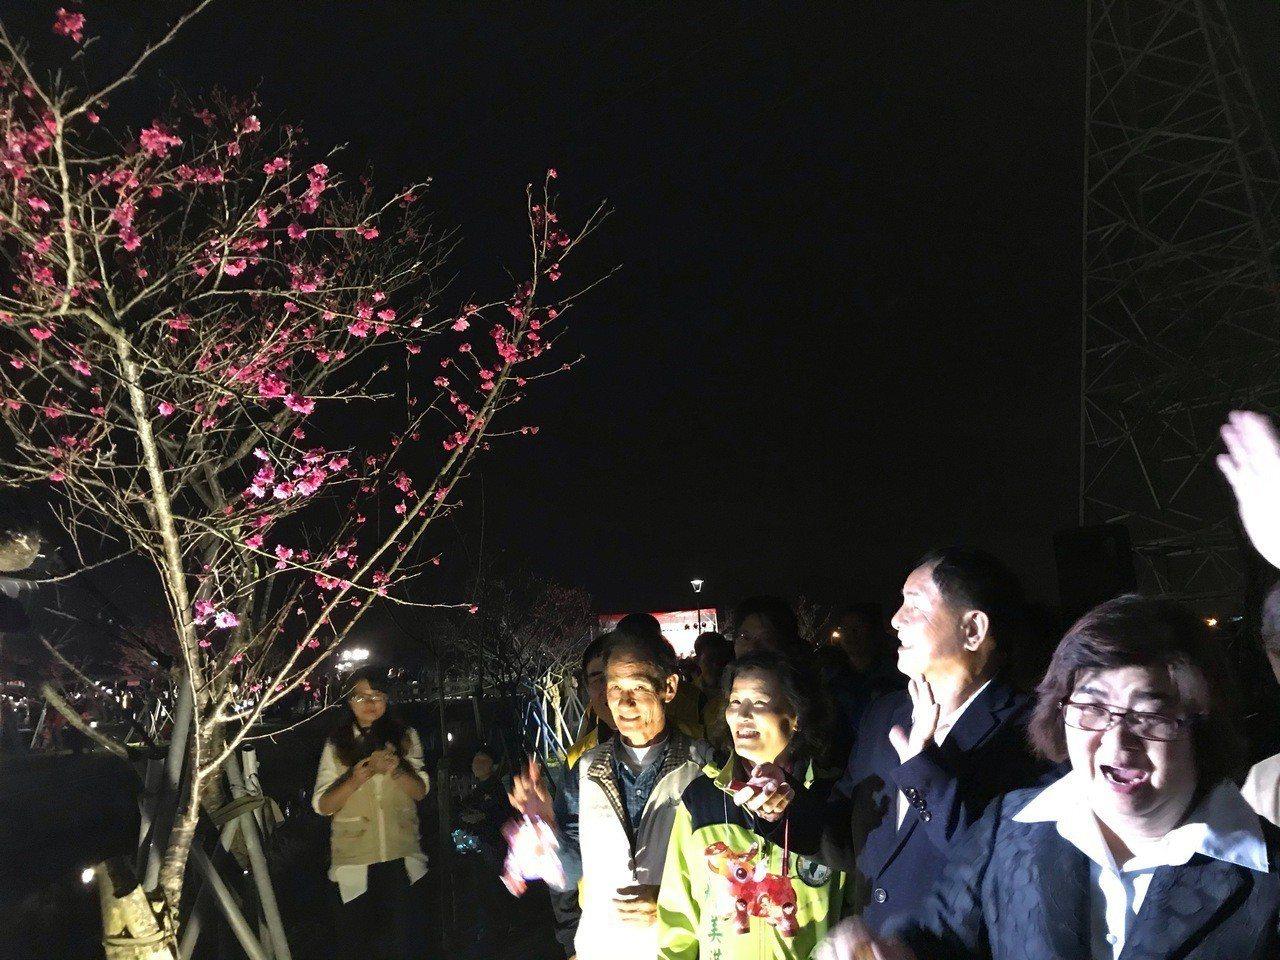 羅莊櫻花步道長約2公里,種植了近1200棵櫻花樹,除白天賞花,宜蘭縣羅東鎮公所編...